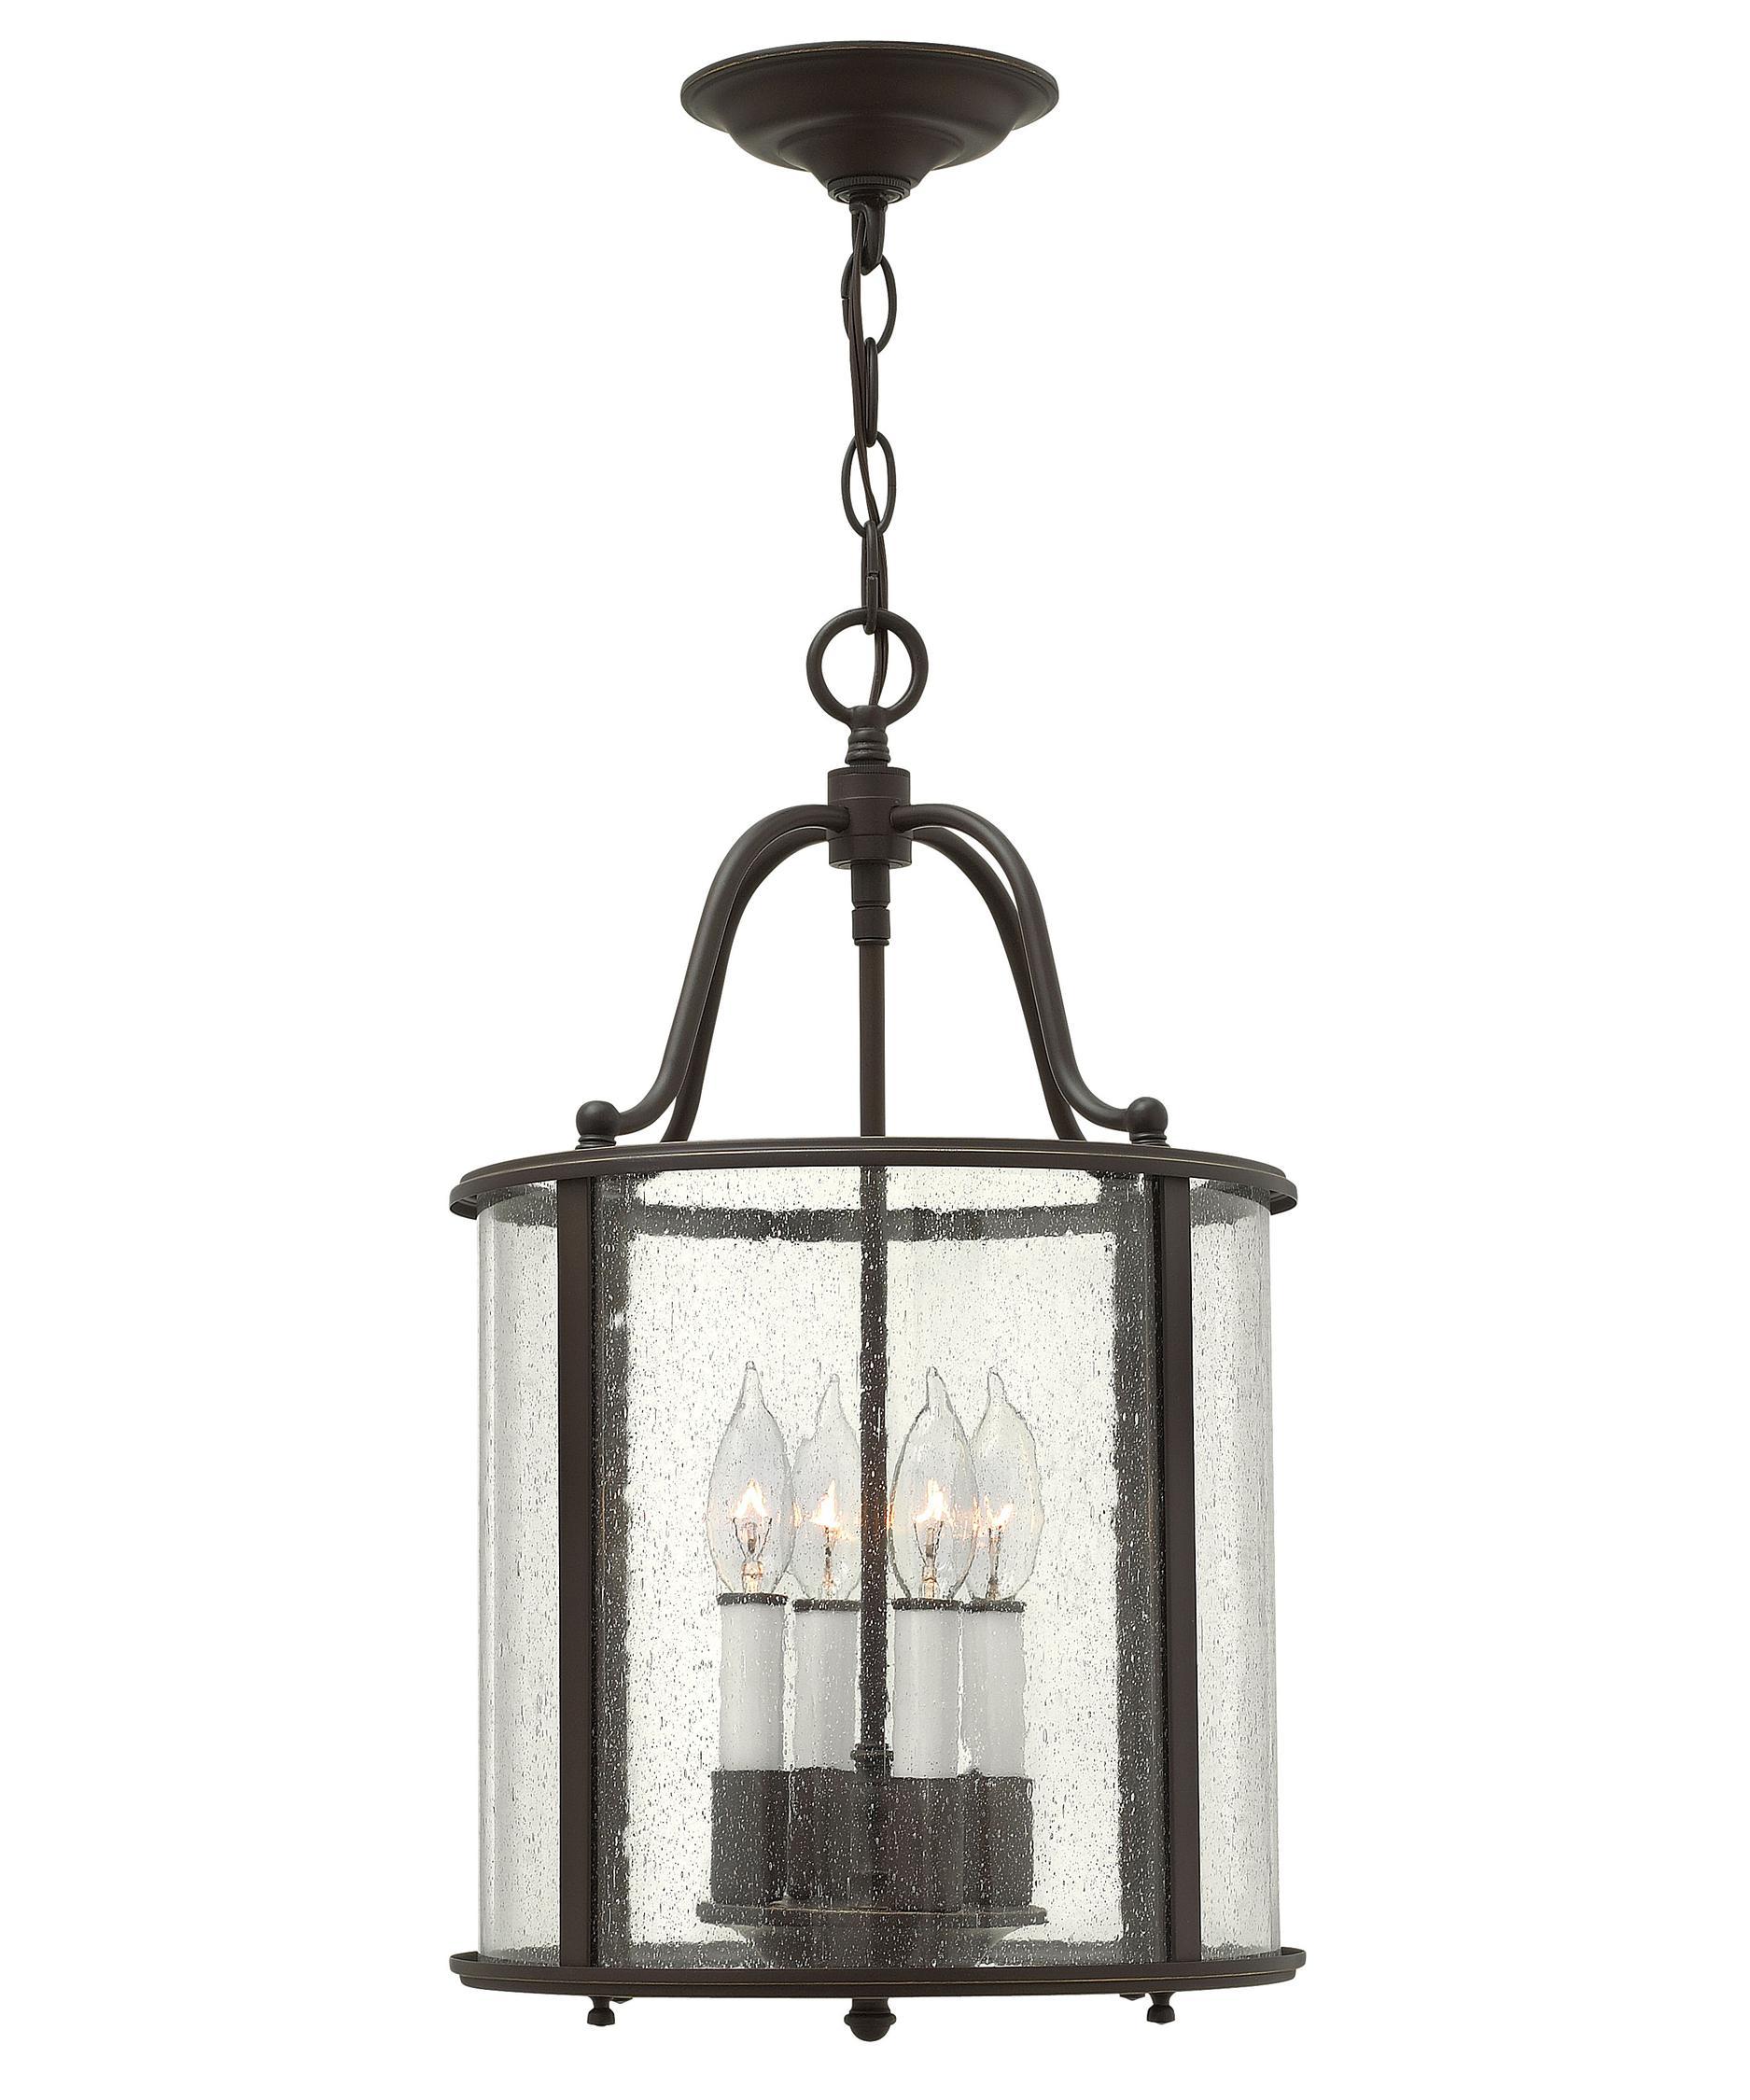 Hinkley Foyer Chandelier : Hinkley lighting gentry inch foyer pendant